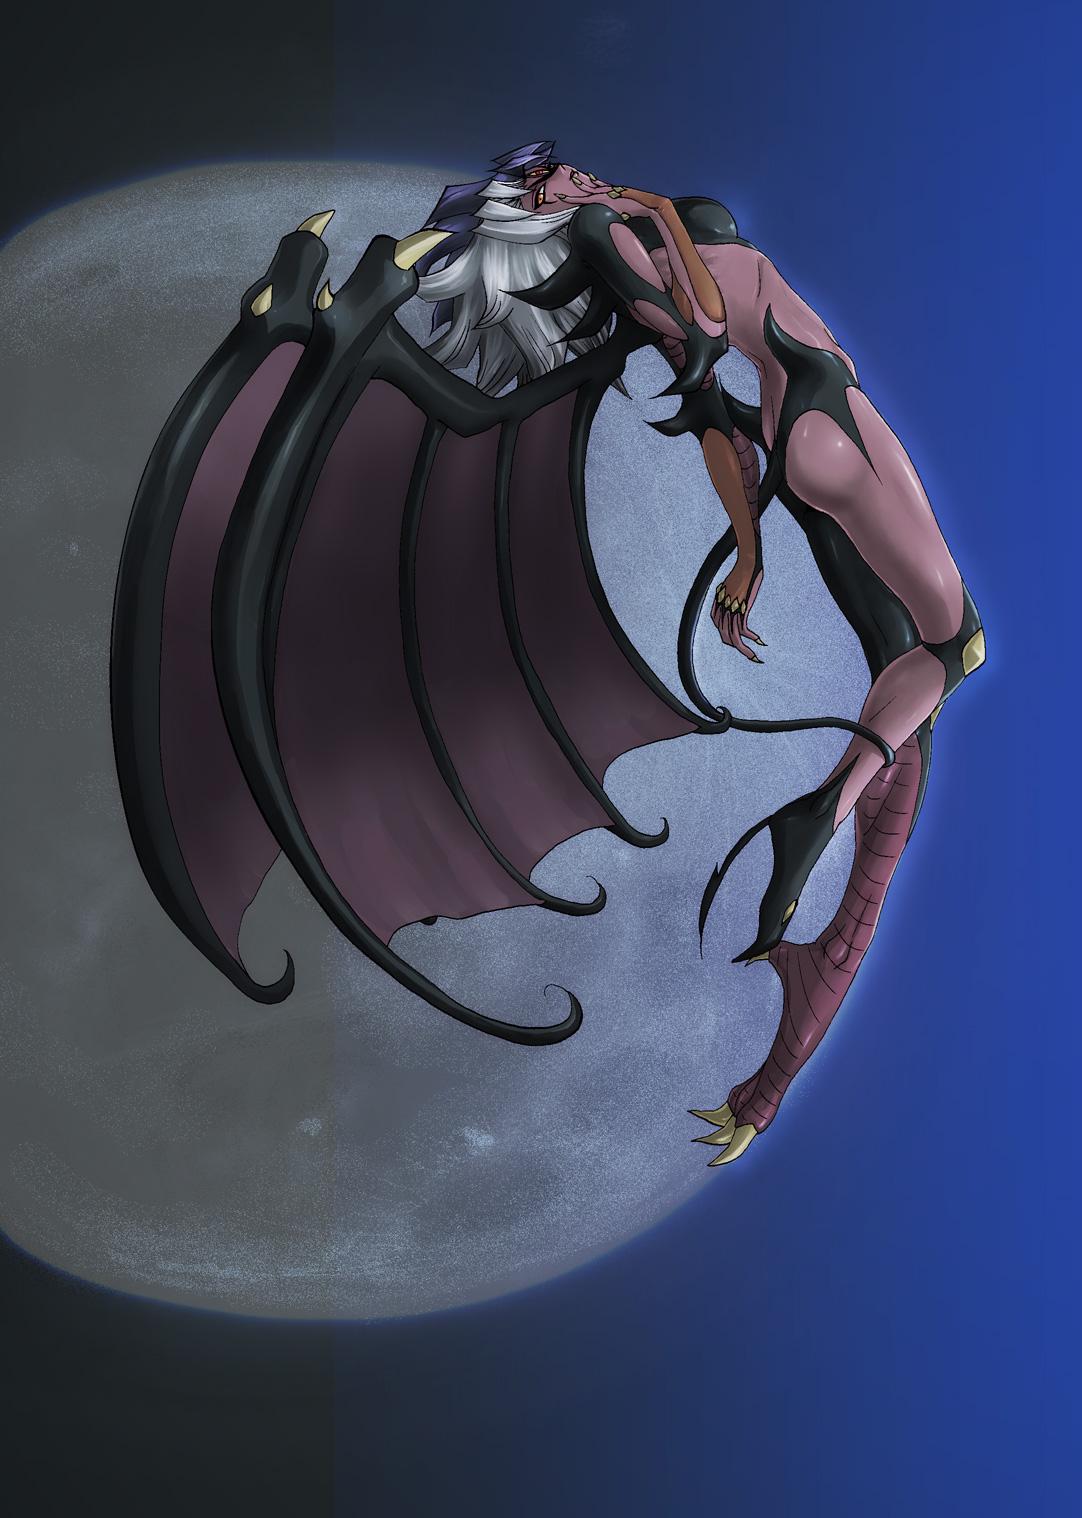 Safebooru - claws demon girl demon wings duel monster full